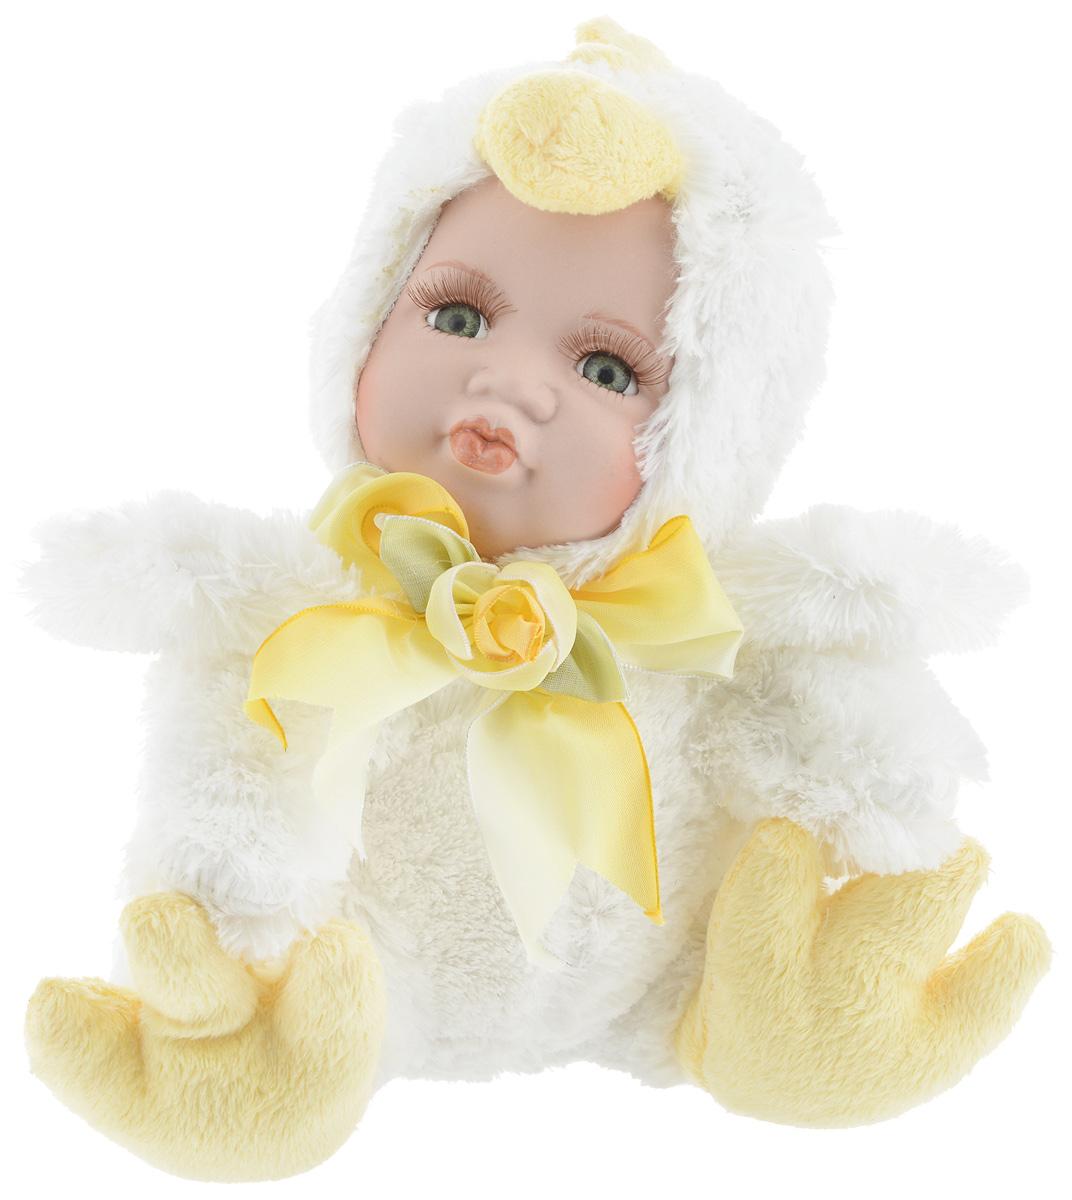 Фигурка ESTRO Ребенок в костюме цыпленка, цвет: белый, желтый, высота 22 смC21-128215BДекоративная фигурка Ребенок в костюме цыпленка изготовлена из высококачественных материалов в оригинальном стиле. Фигурка выполнена в виде ребенка в костюме цыпленка. Уютная и милая интерьерная игрушка предназначена для взрослых и детей, для игр и украшения новогодней елки, да и просто, для создания праздничной атмосферы в интерьере! Фигурка прекрасно украсит ваш дом к празднику, а в остальные дни с ней с удовольствием будут играть дети. Оригинальный дизайн и красочное исполнение создадут праздничное настроение. Фигурка создана вручную, неповторима и оригинальна. Порадуйте своих друзей и близких этим замечательным подарком!